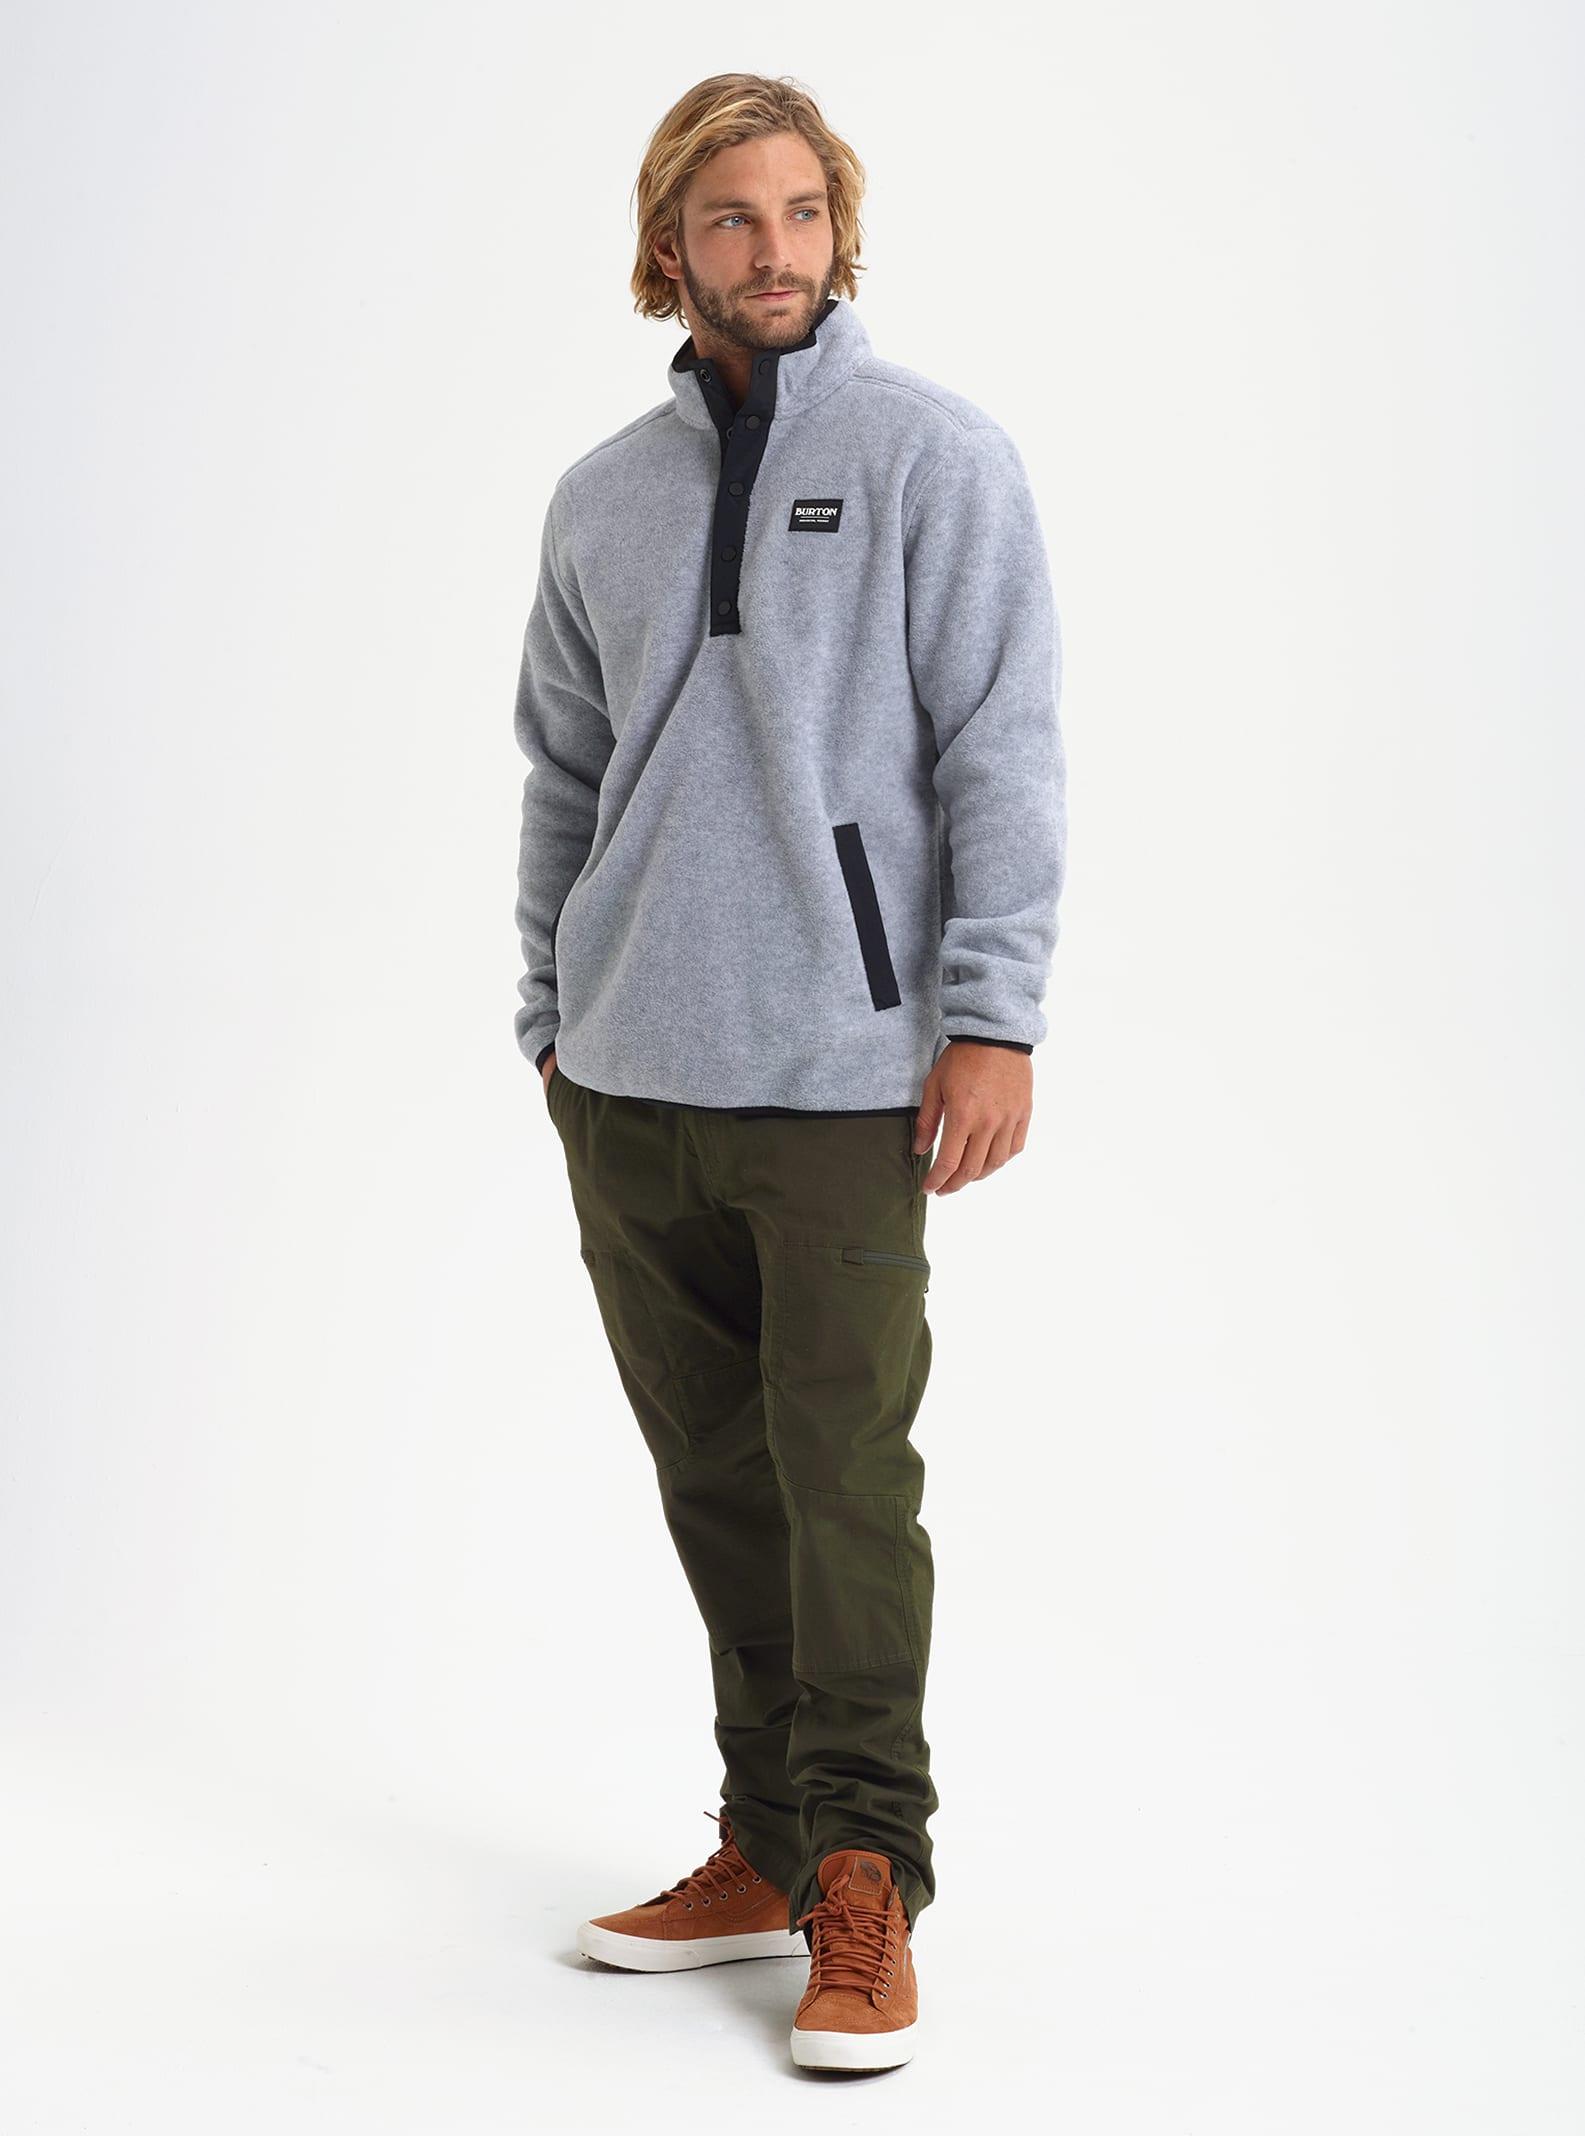 D'extérieur Snowboards HommeBurton Vêtements D'extérieur Vêtements Pour Snowboards Pour Vêtements HommeBurton MGpSzUqV